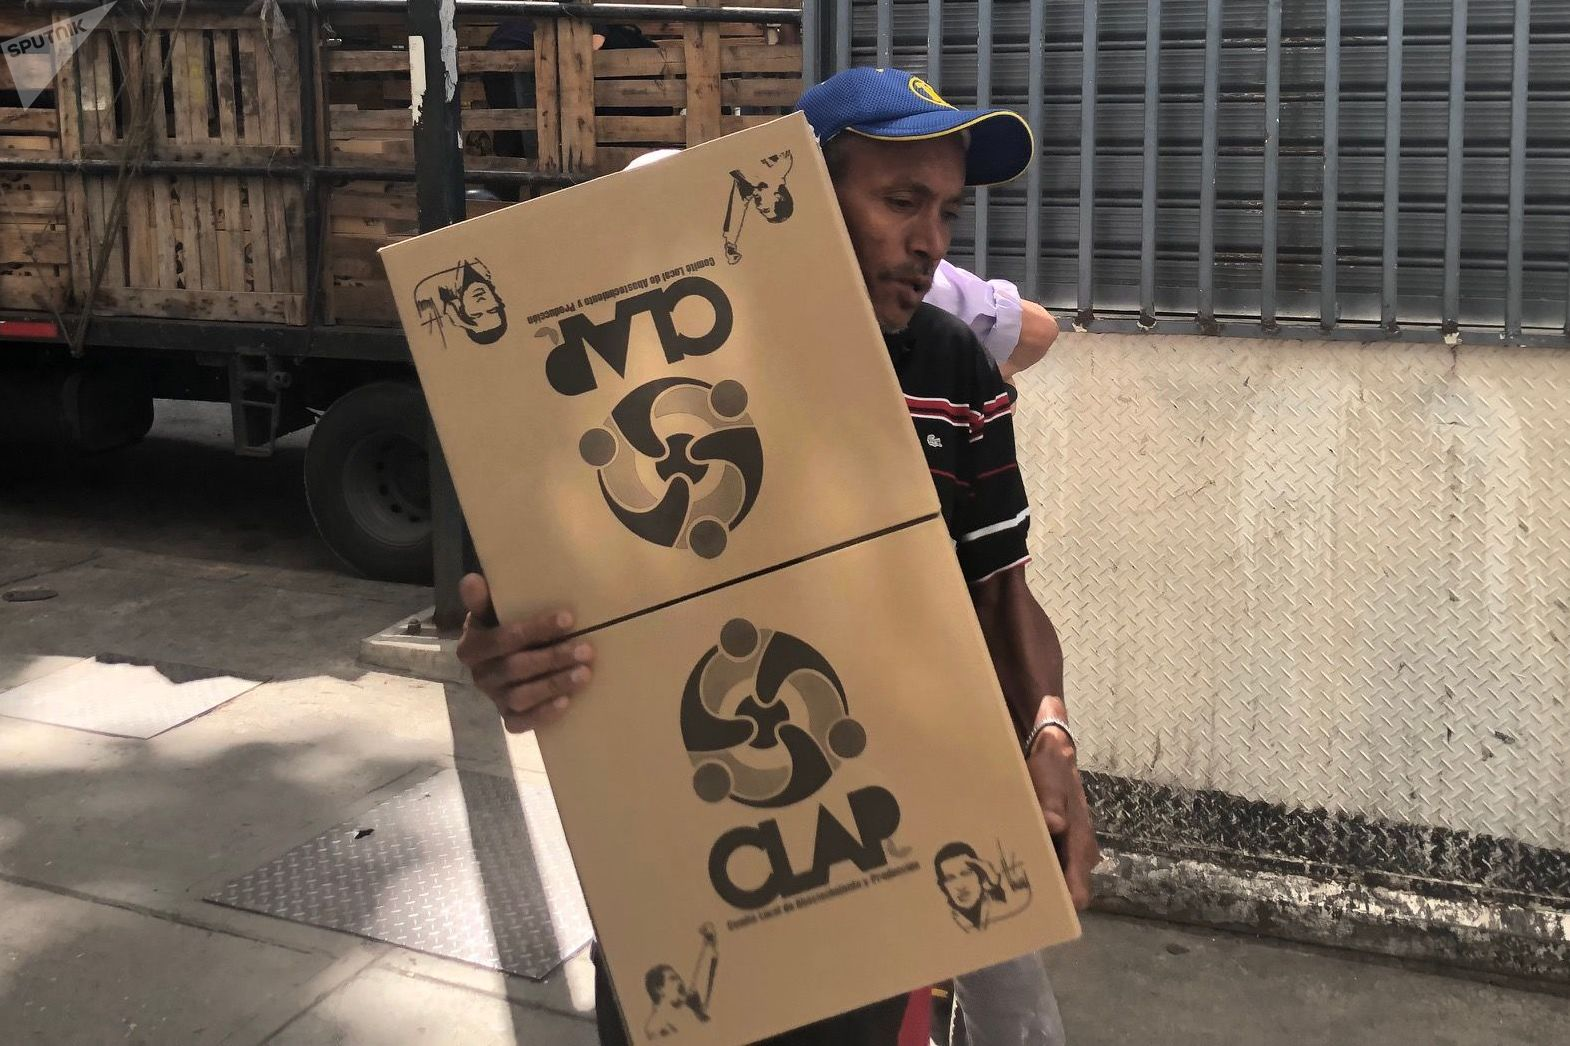 Venezuela es un país que depende de la importación de muchos bienes de primera necesidad, incluidos los alimentos, pero últimamente cada vez más se ven componentes nacionales en las cajas de los CLAP